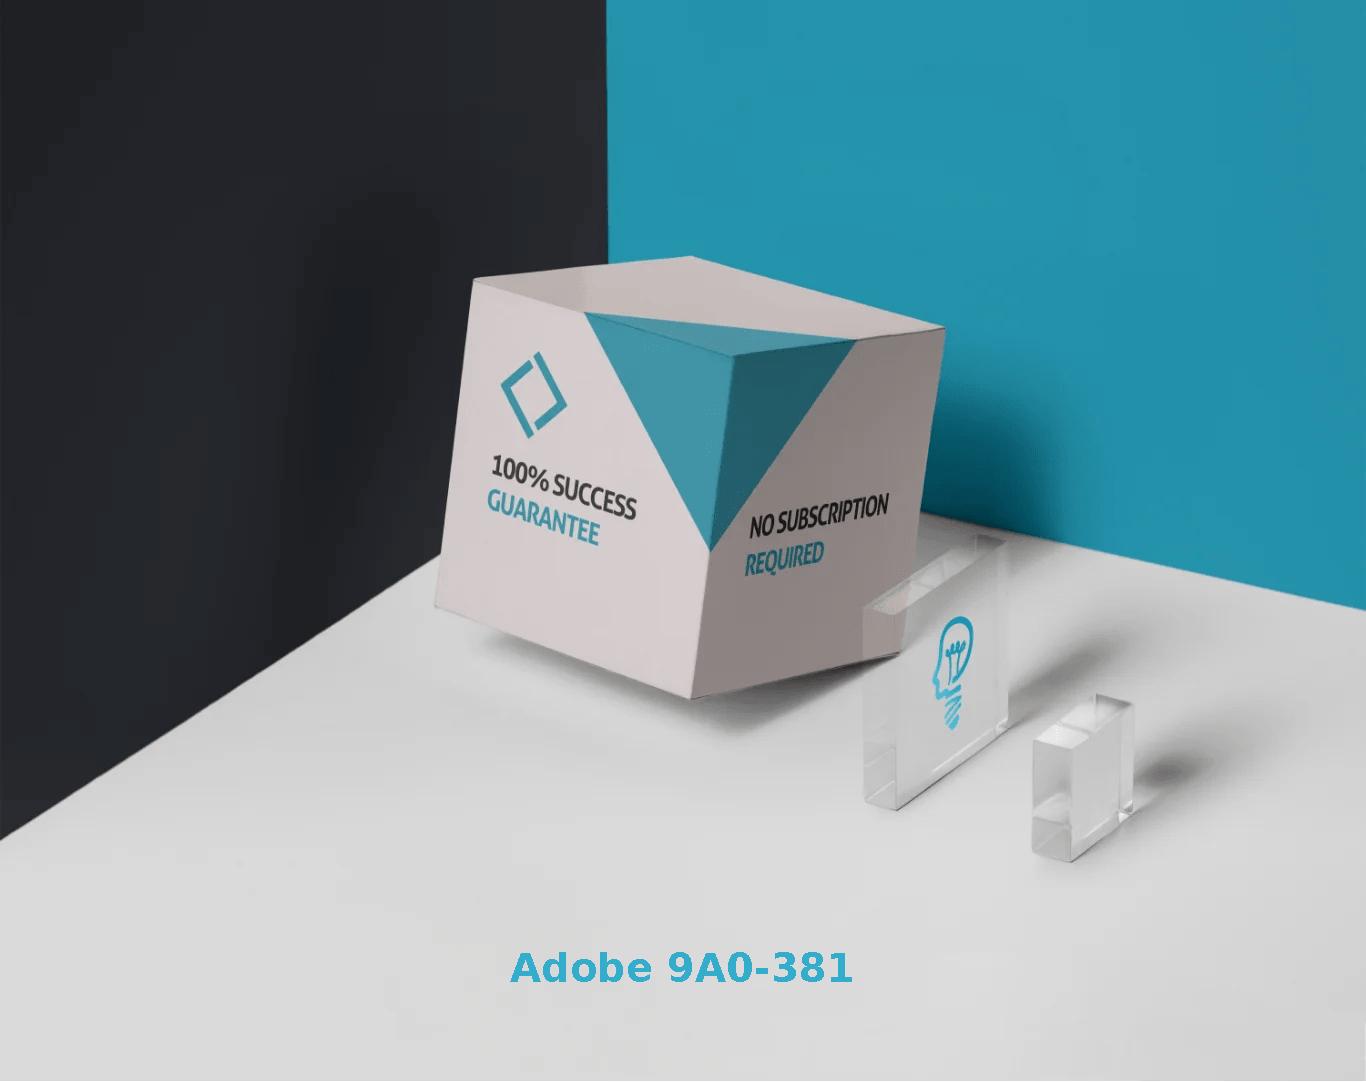 Adobe 9A0-381 Exams